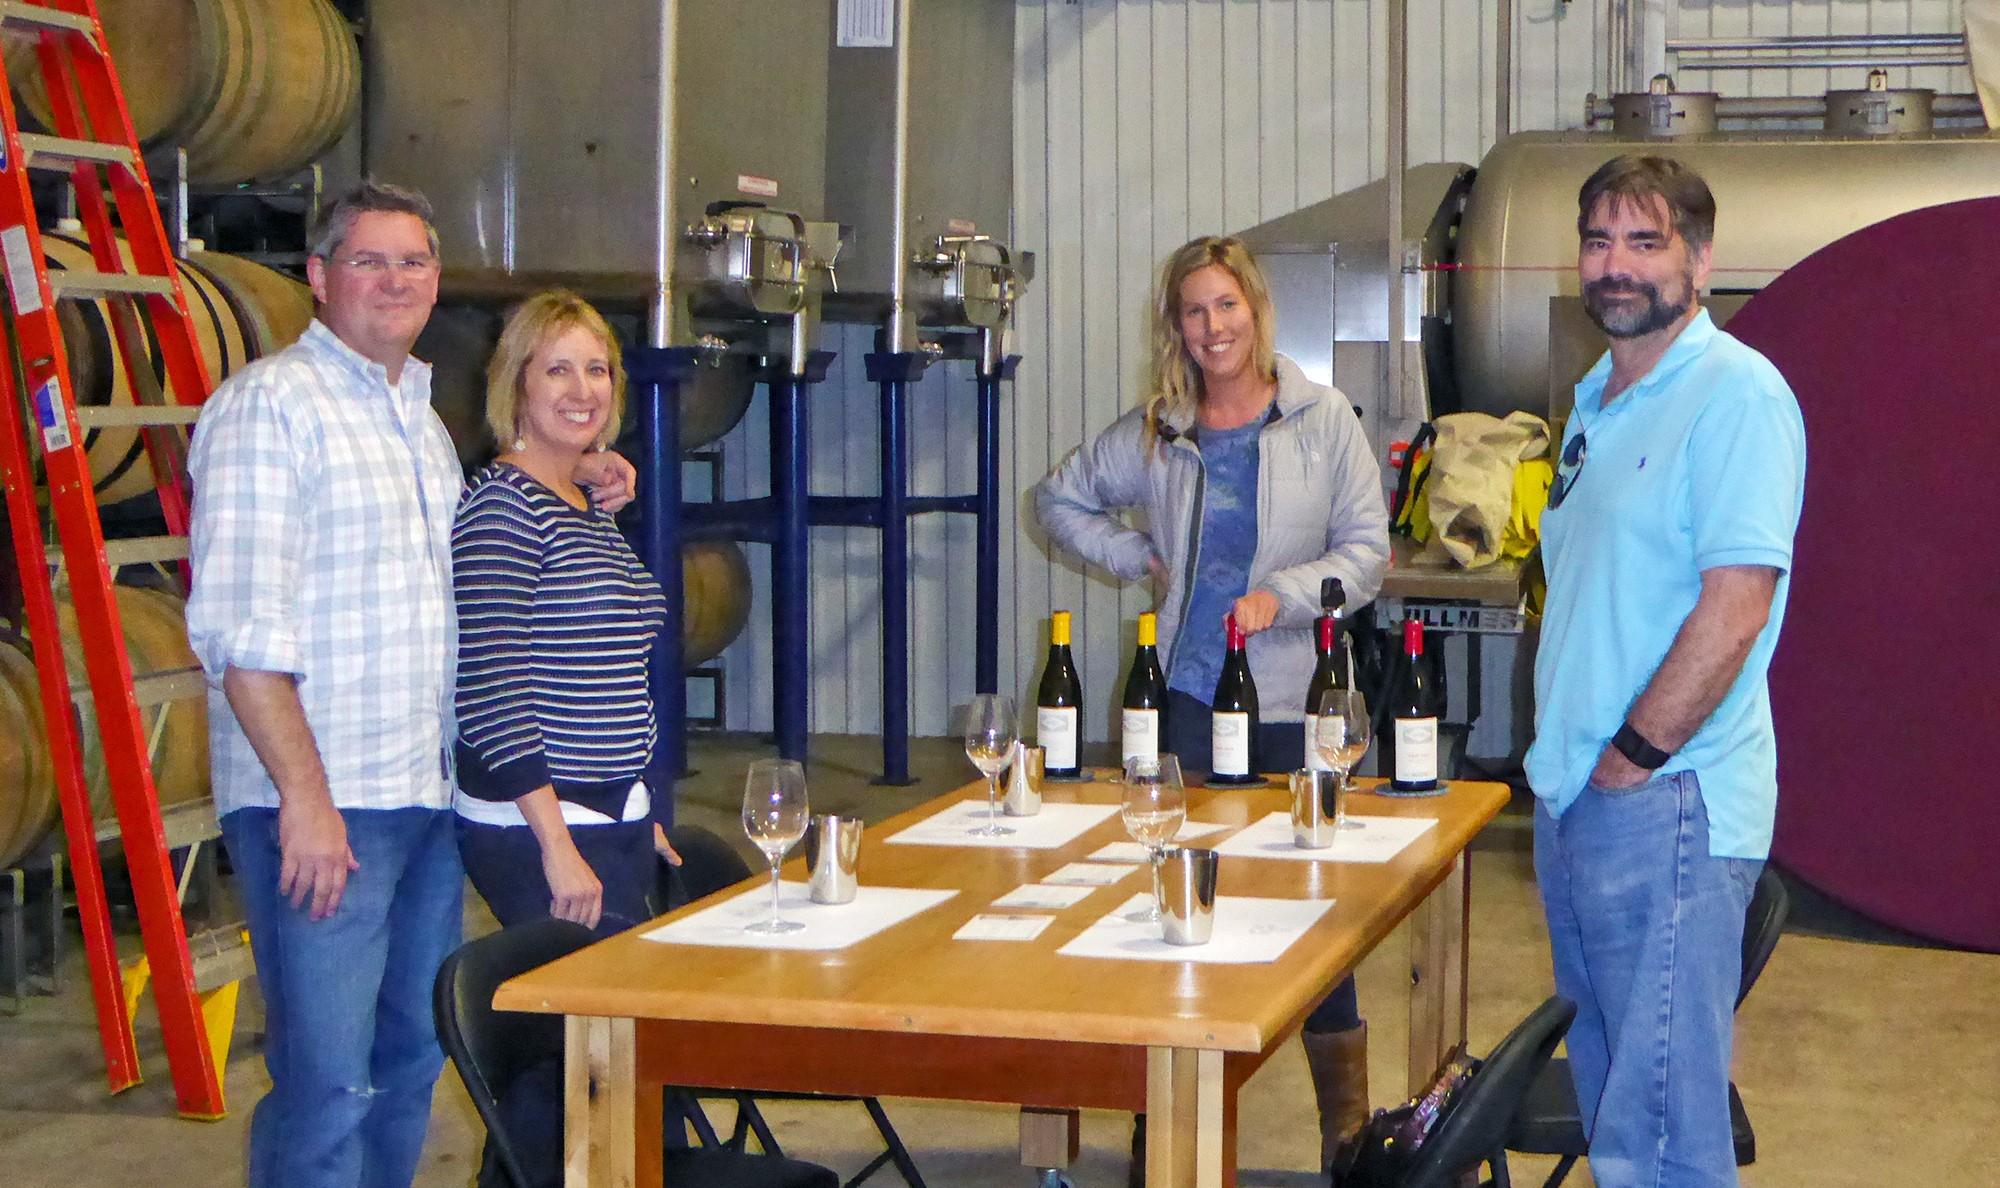 4 people among wine making equipment